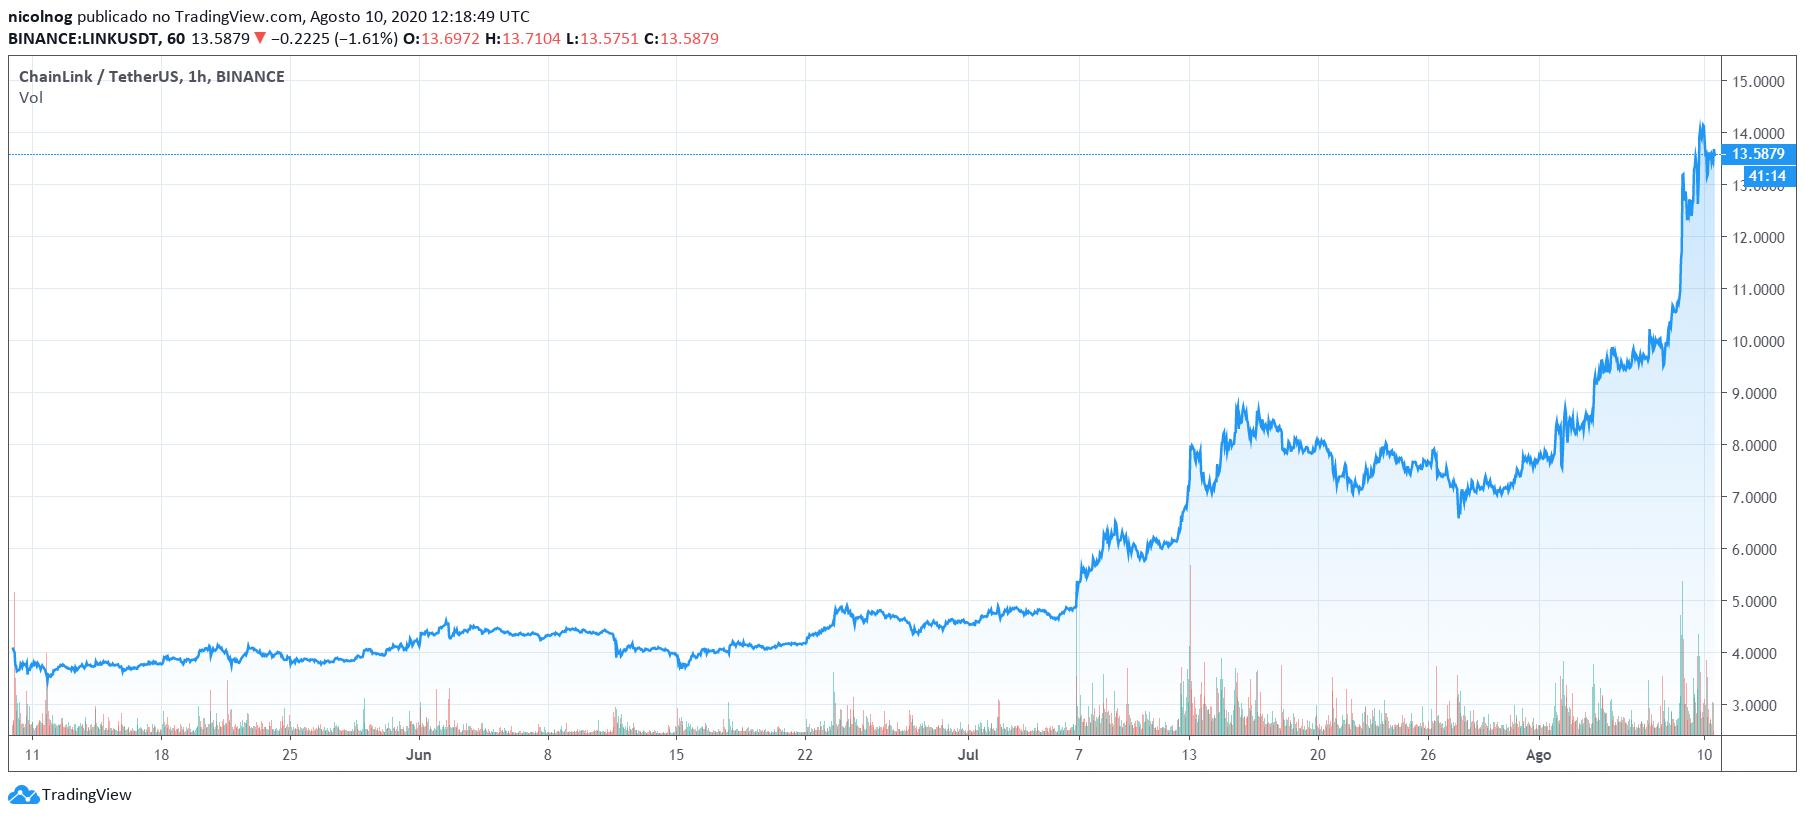 Preço do par LINK/USDT